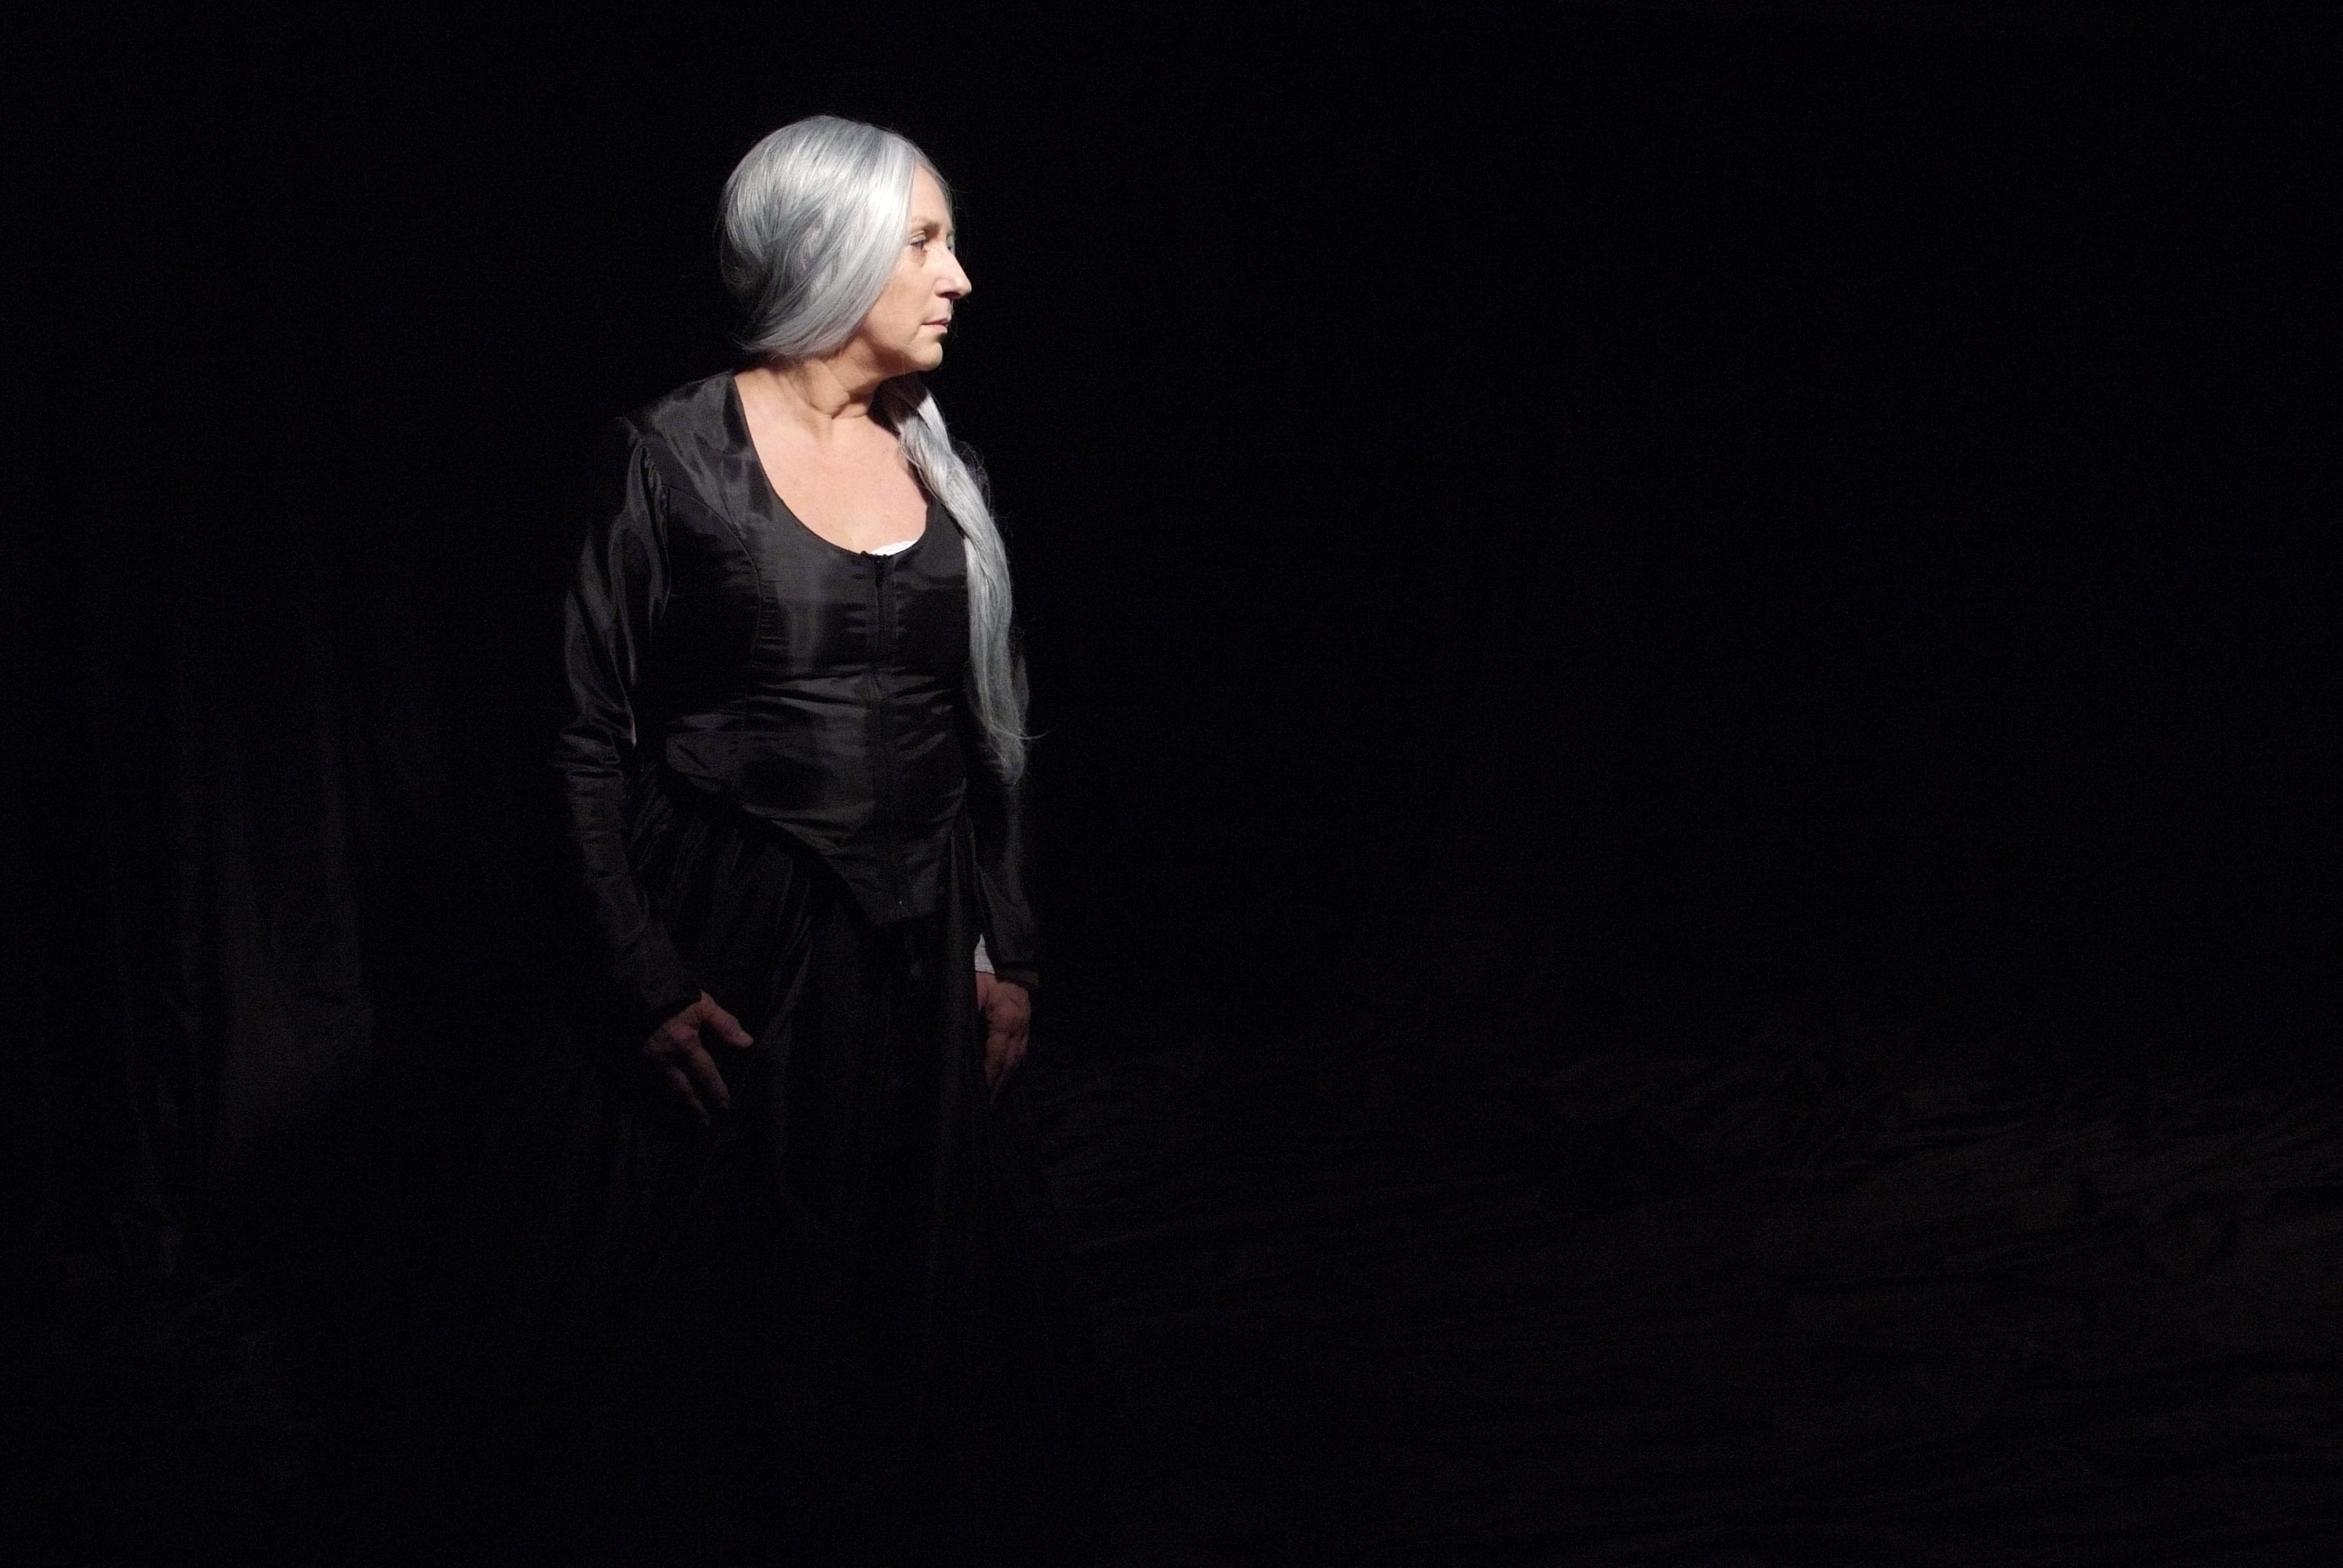 """Lu Grimaldi: protagonista do monólogo """"Palavra de Rainha"""" no Teatro Viradalata (Foto: Lenise Pinheiro)"""